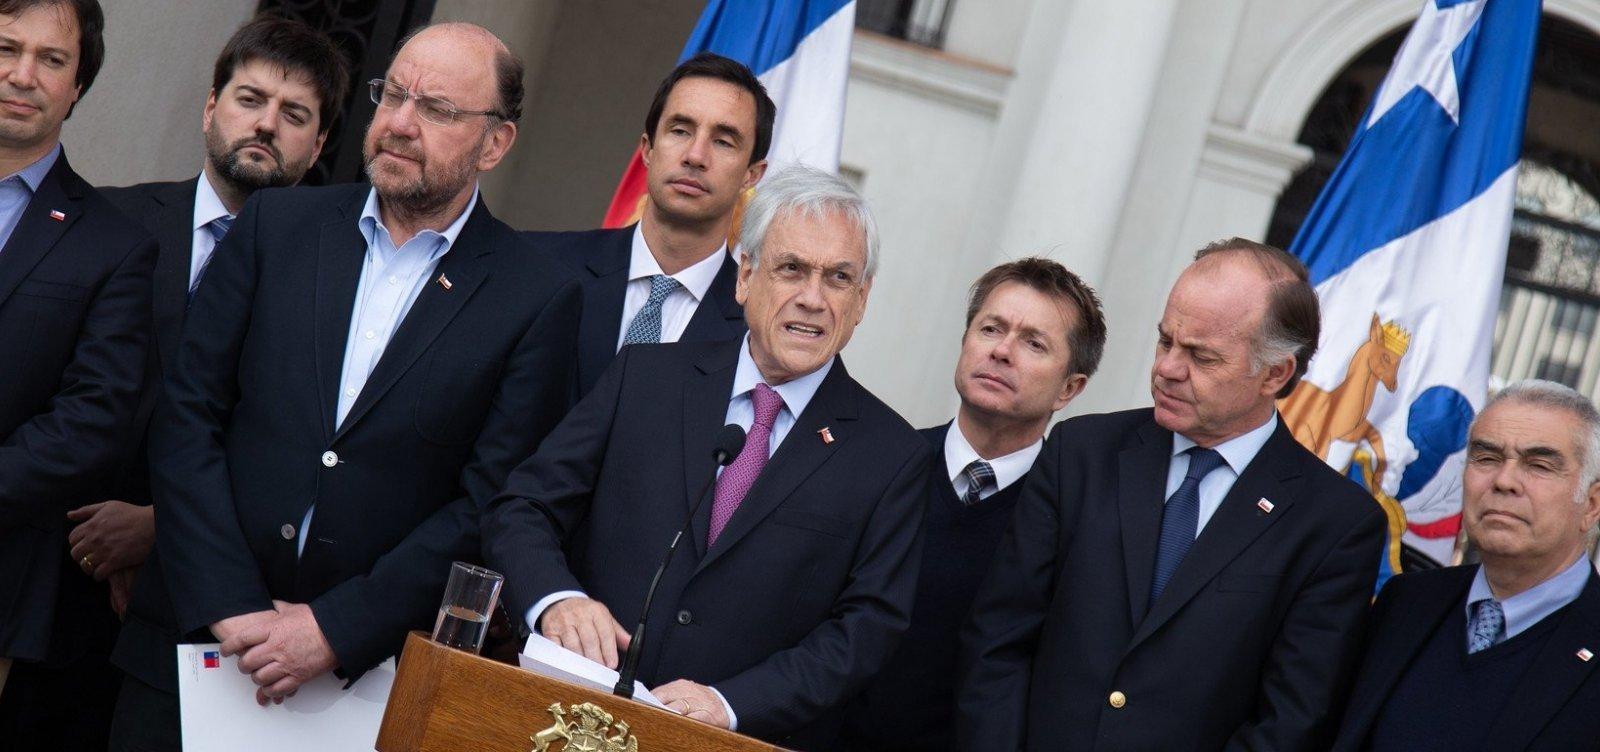 [Presidentes do Chile e da Bolívia afirmam que não vão renunciar]